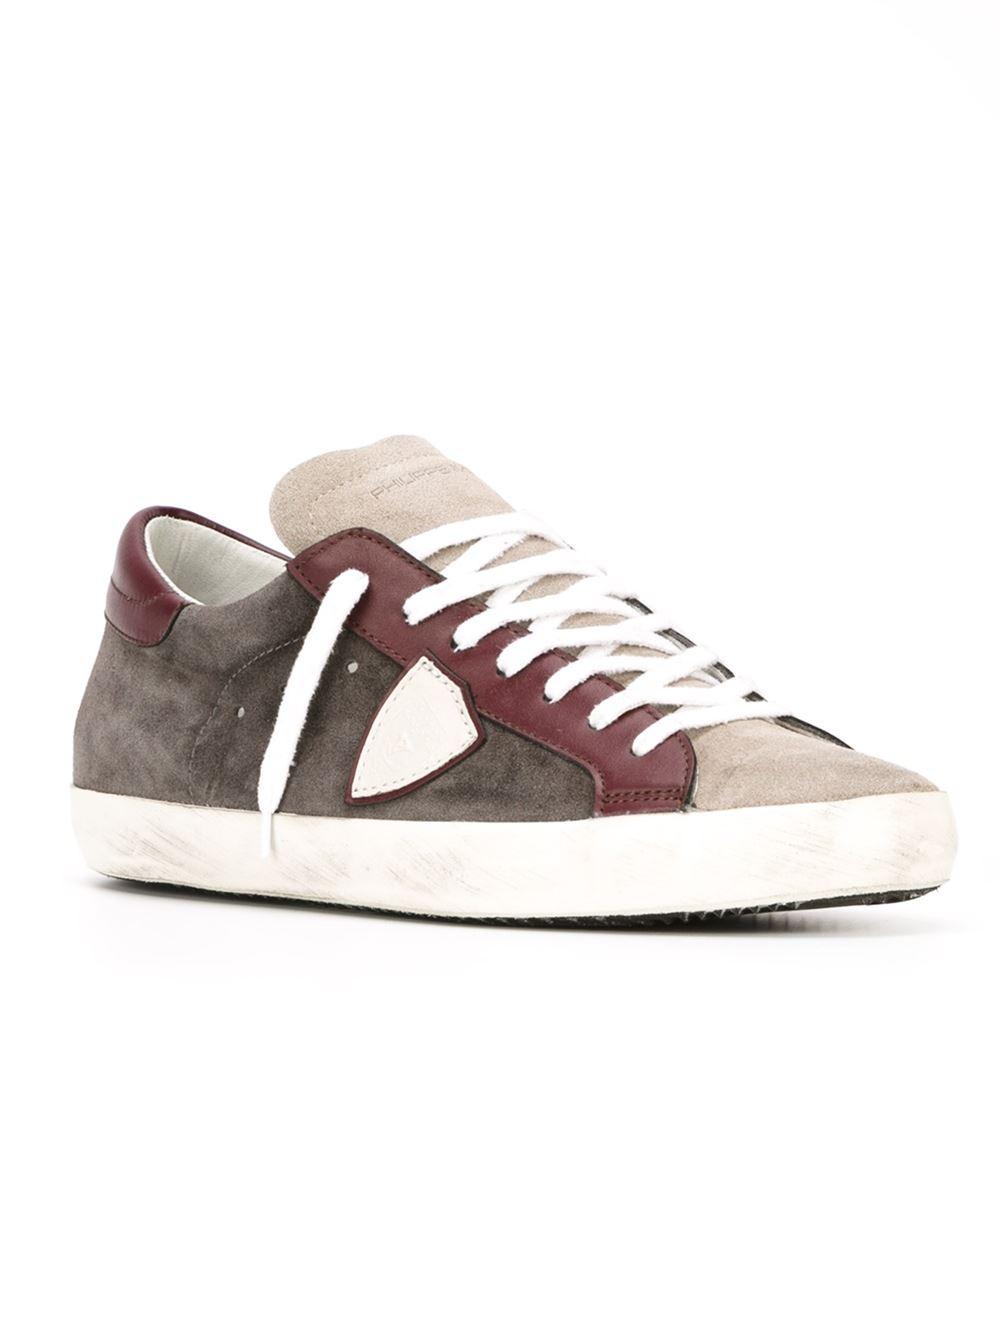 sneakers-philippe-model-homme-hiver-2015 - Le Buzz de Rouen c05f6ae96c86